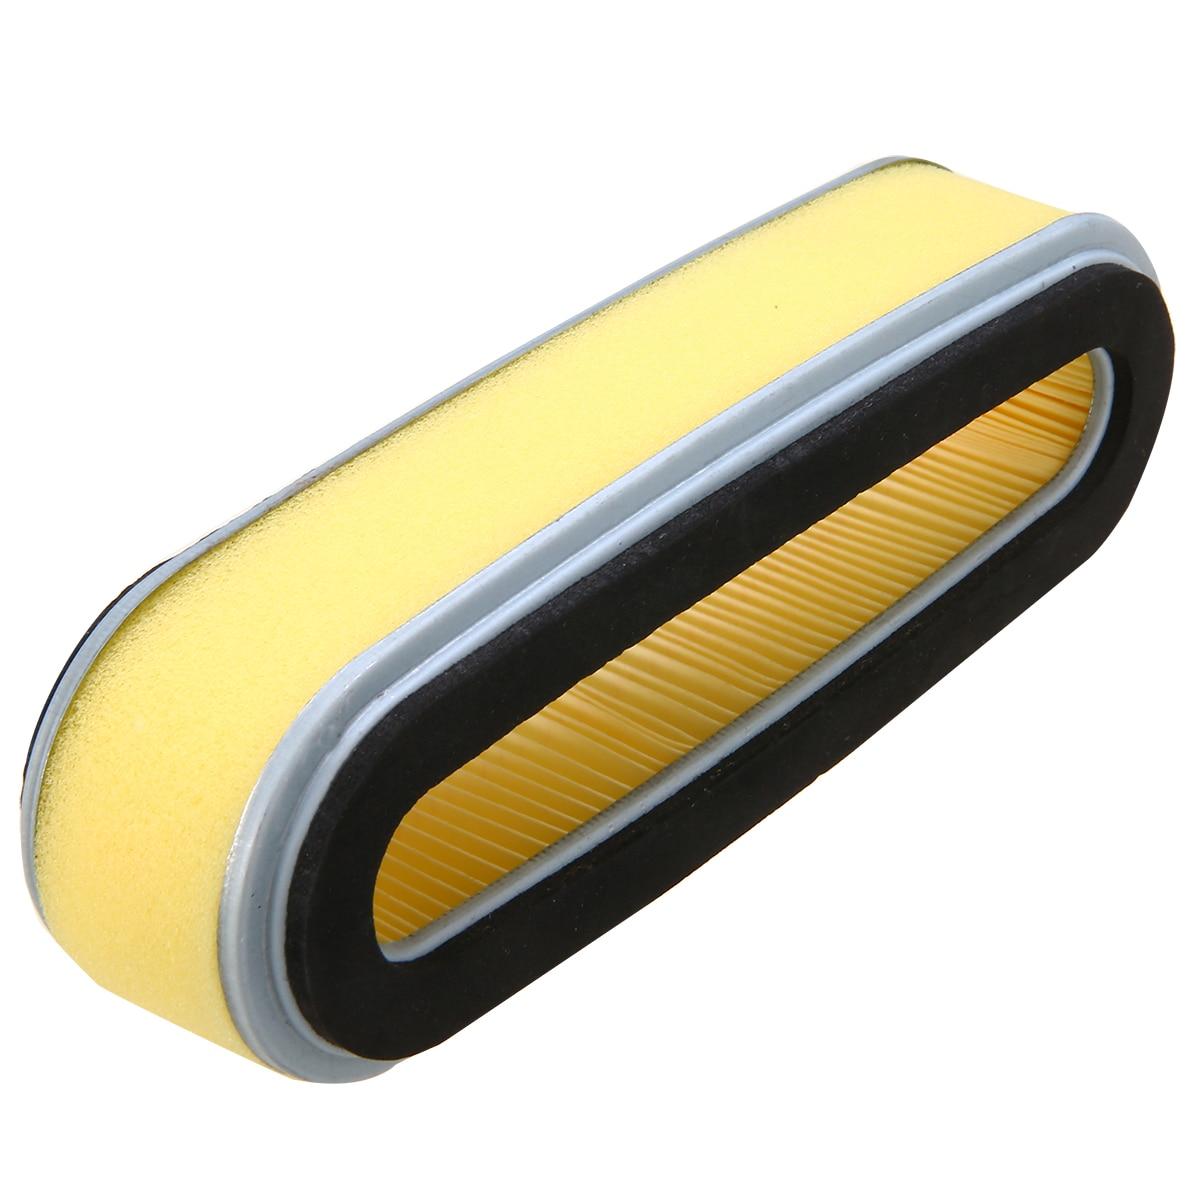 Nouveau filtre à Air tondeuse ovale avec éponge pour HR214 HR194 HR195 HRA214 GV150 accessoires coupe-herbe